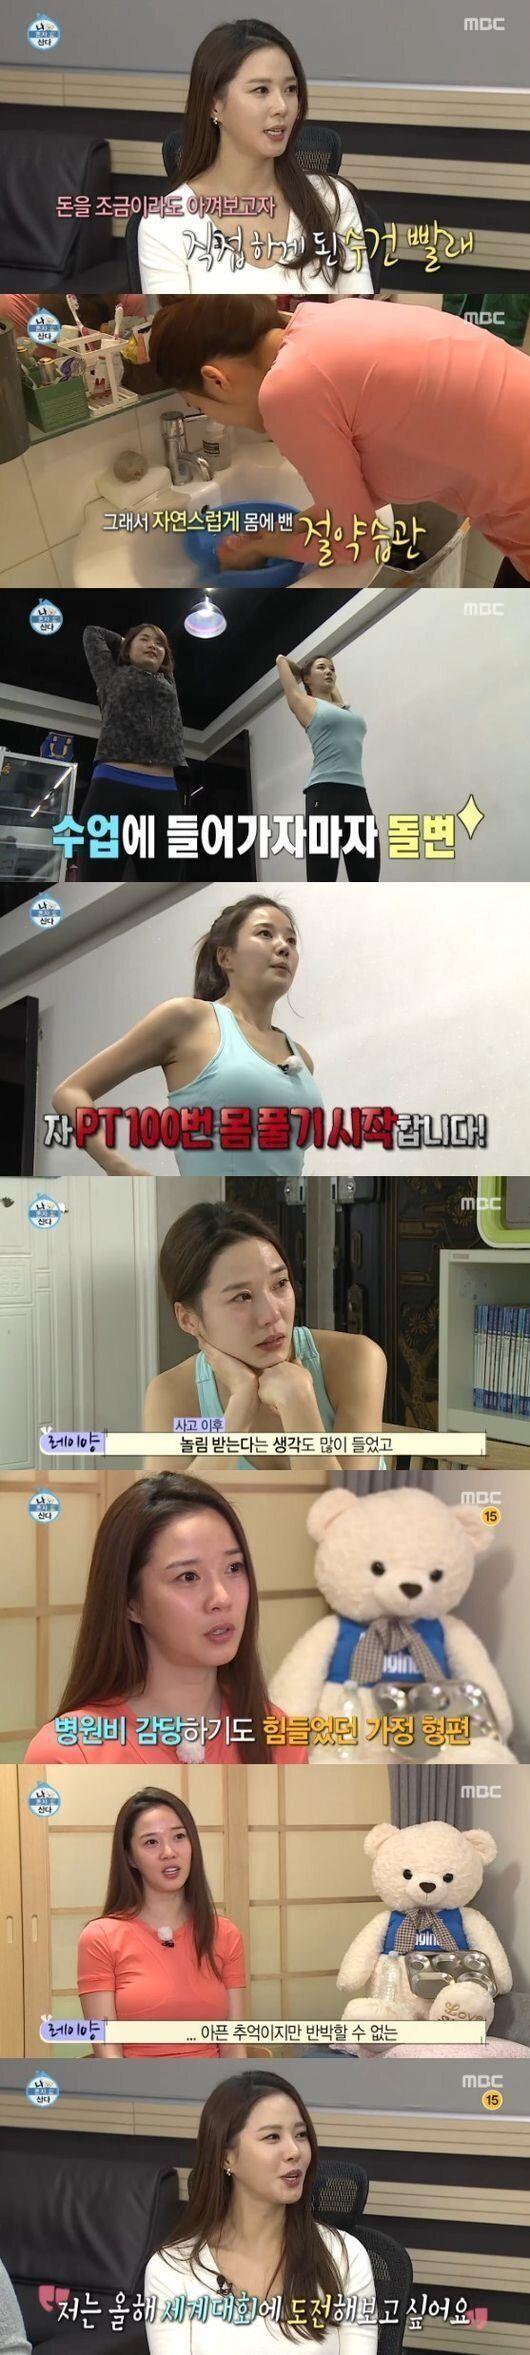 [어저께TV] 레이양, '나 혼자 산다' 나오길 참